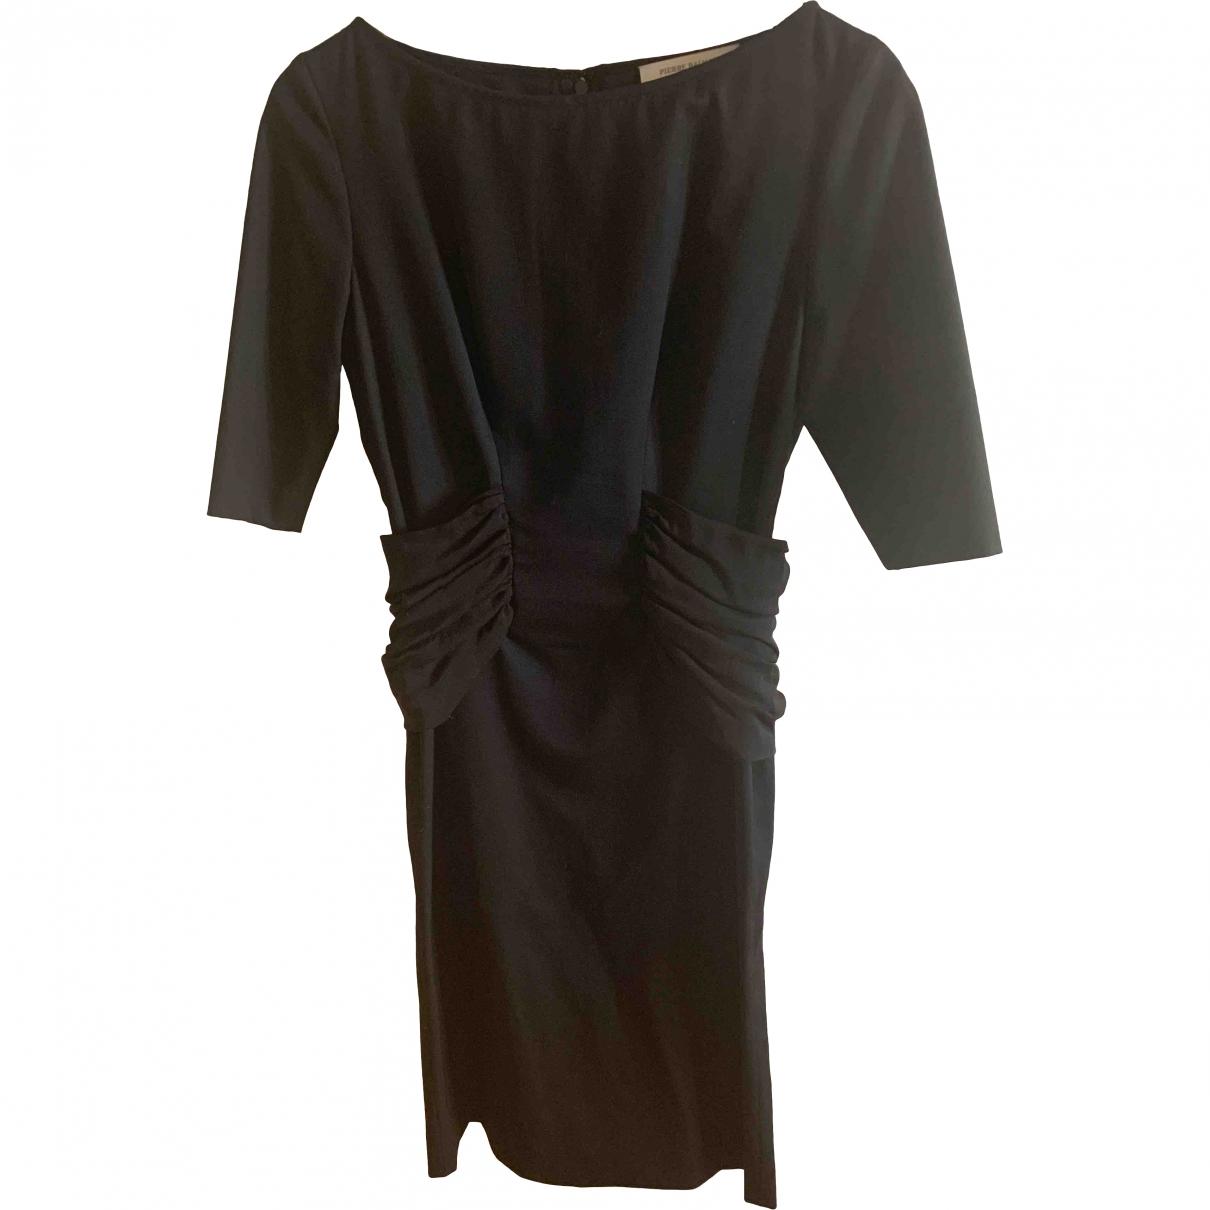 Pierre Balmain \N Black Wool dress for Women 40 IT